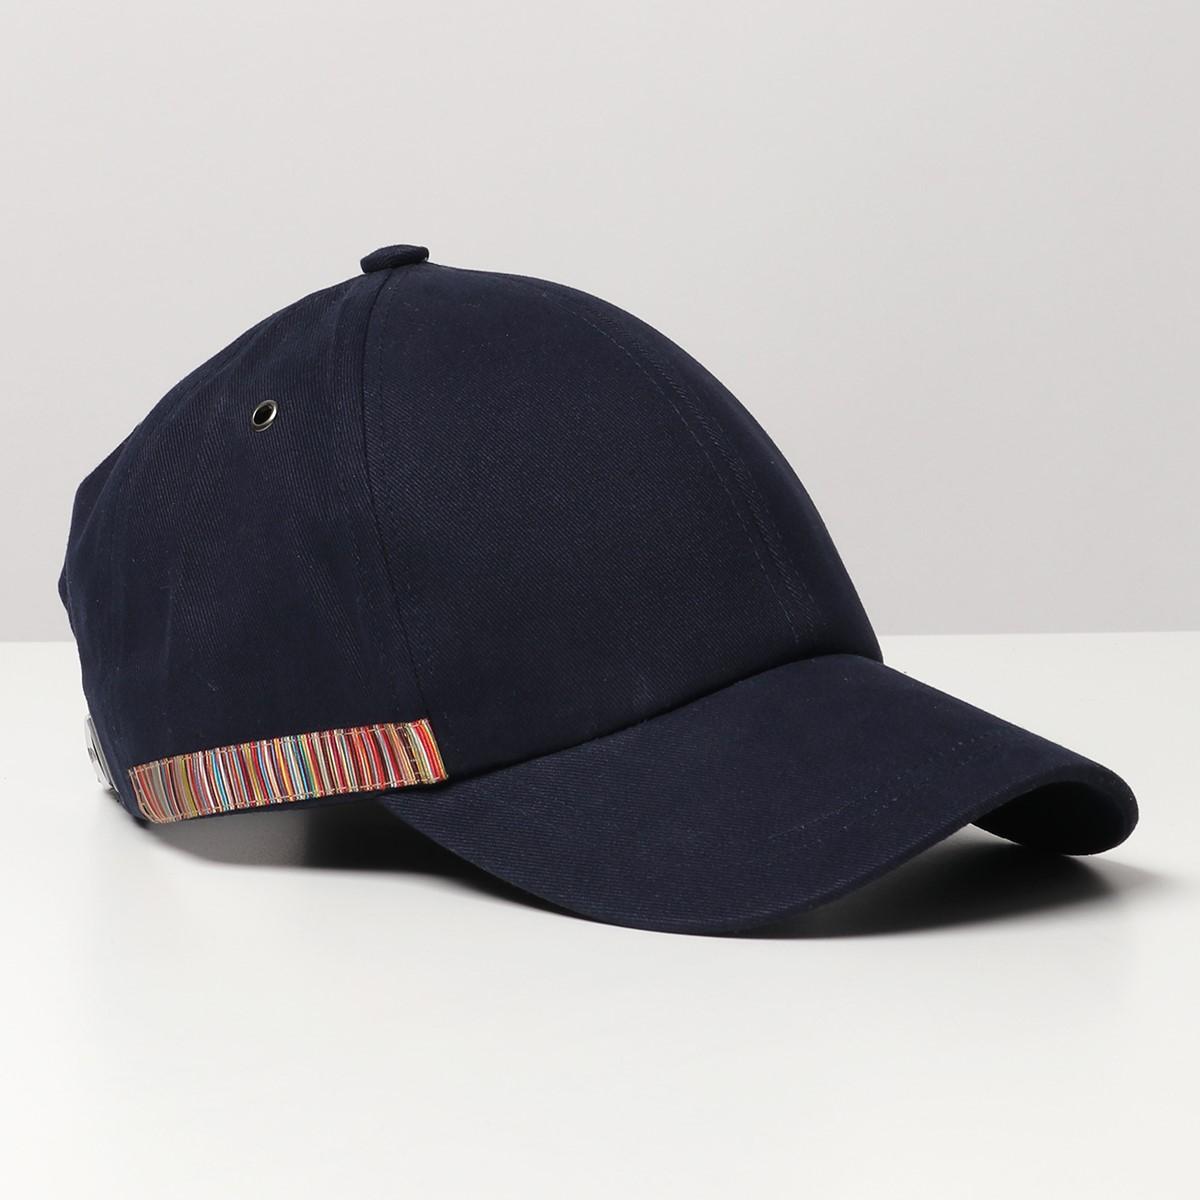 時間指定不可 2021年秋冬新作 Paul Smith ポールスミス M1A 385F EH575 47 百貨店 baseball マルチストライプ ベースキャップ メンズ 帽子 trim